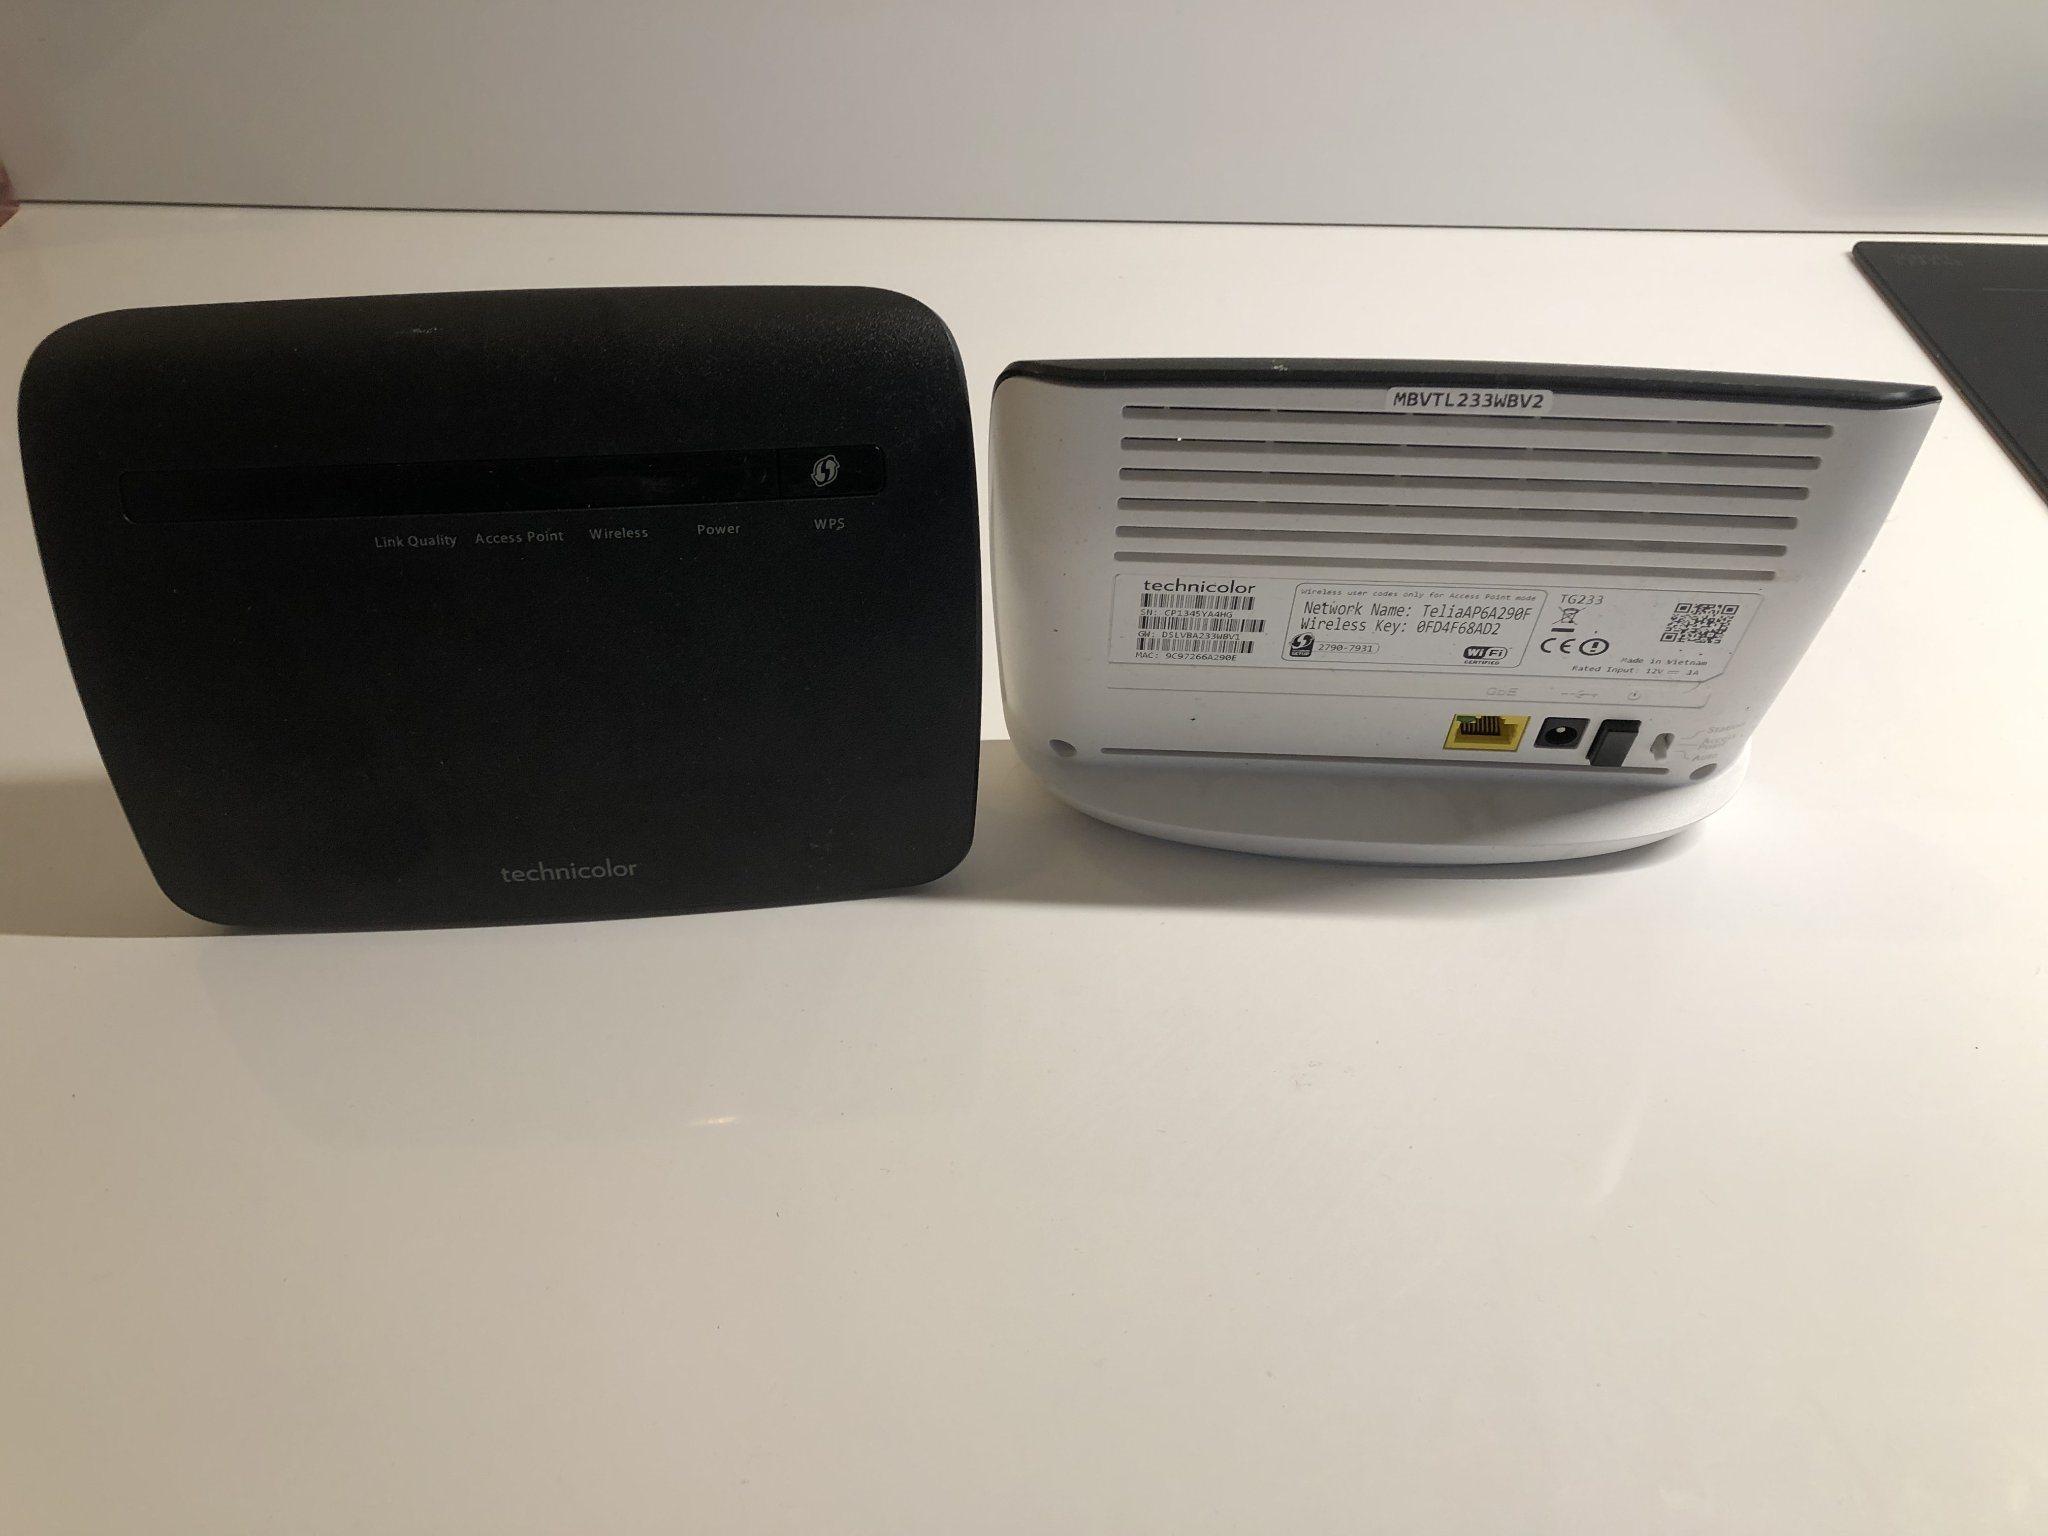 technicolor wifi repeater